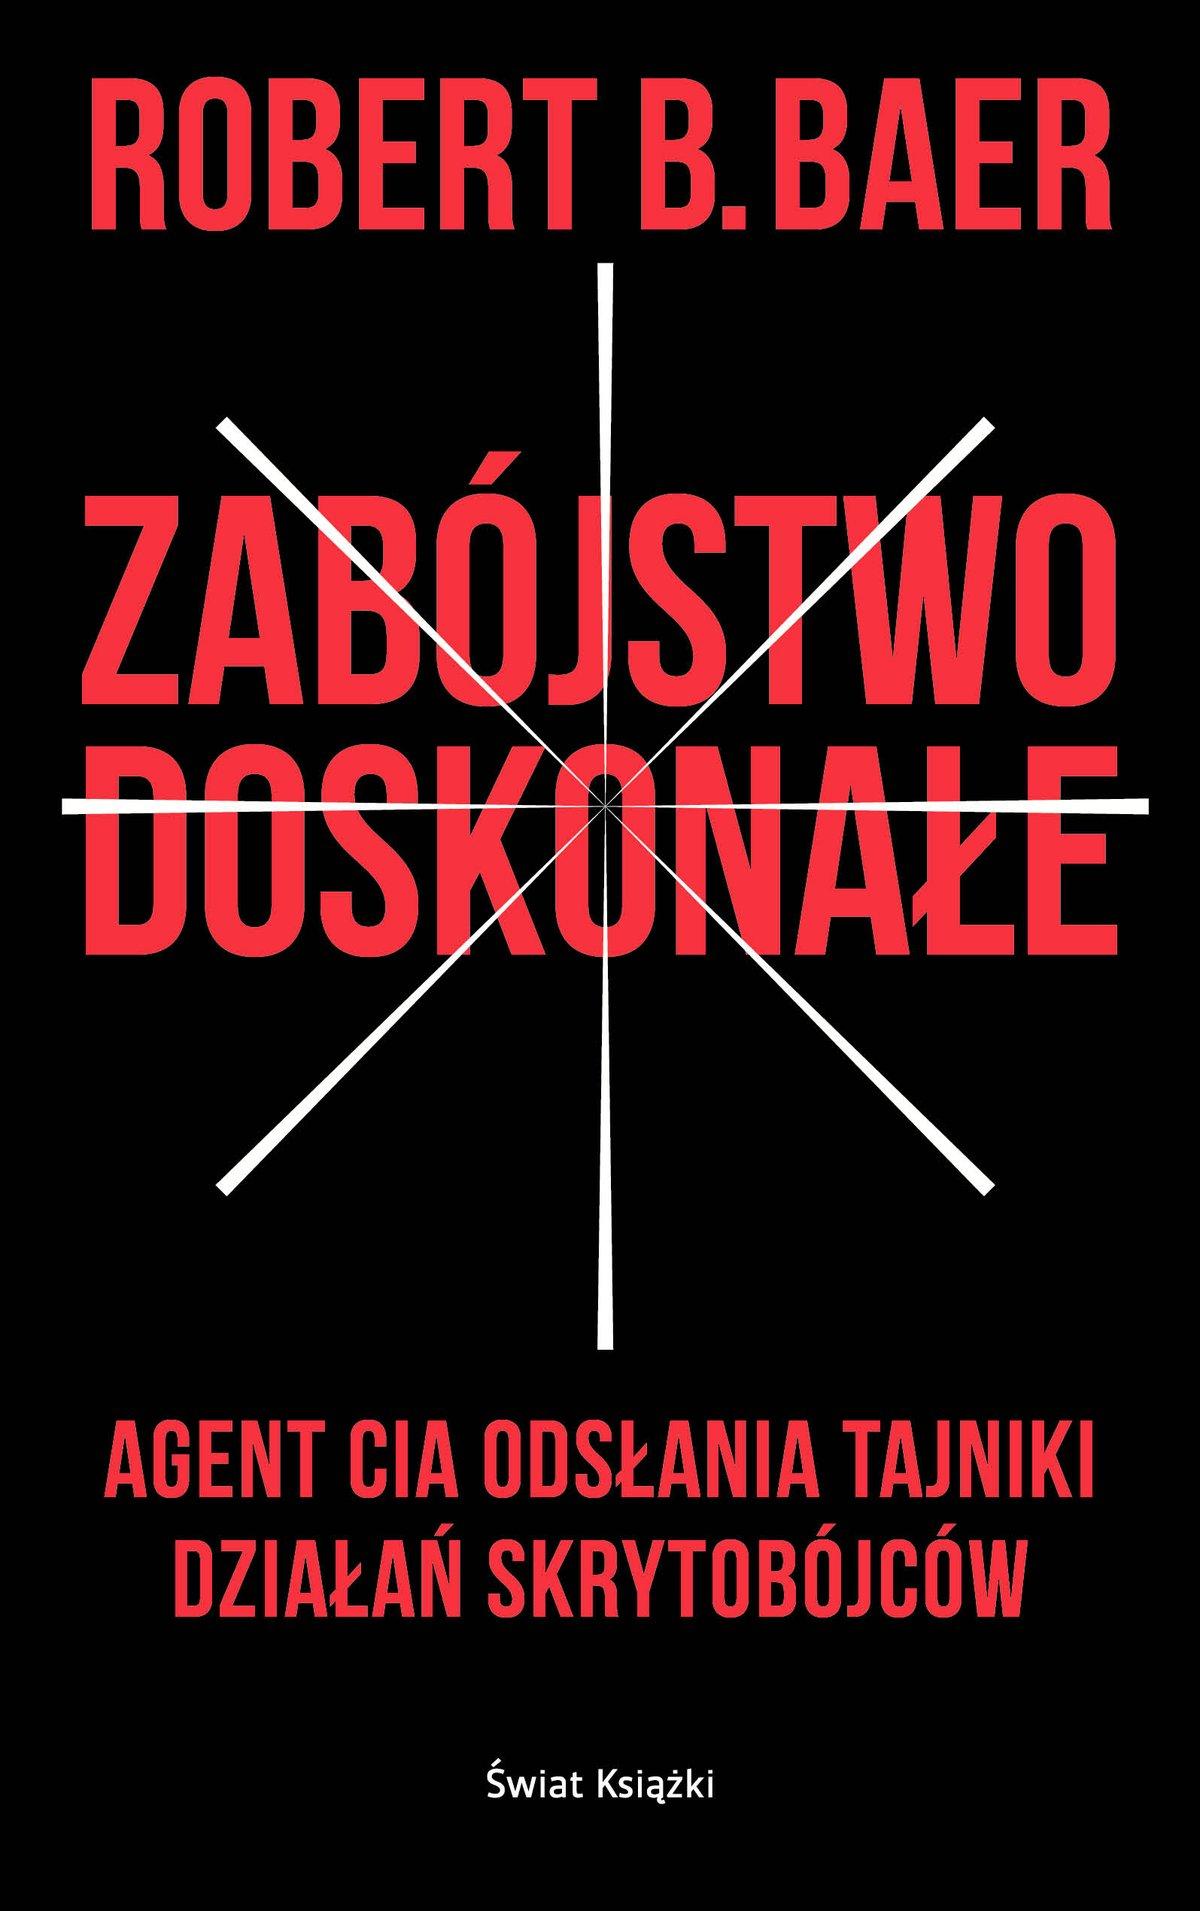 Zabójstwo doskonałe - Ebook (Książka na Kindle) do pobrania w formacie MOBI